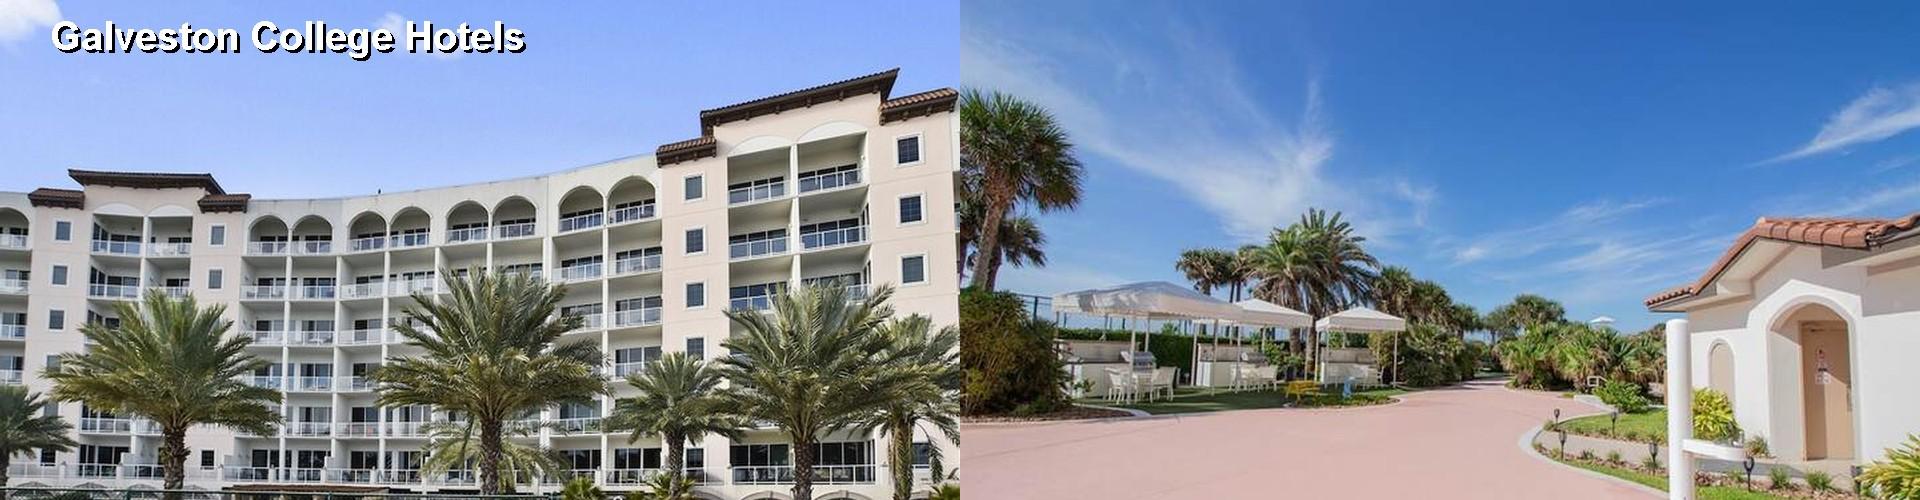 5 Best Hotels Near Galveston College